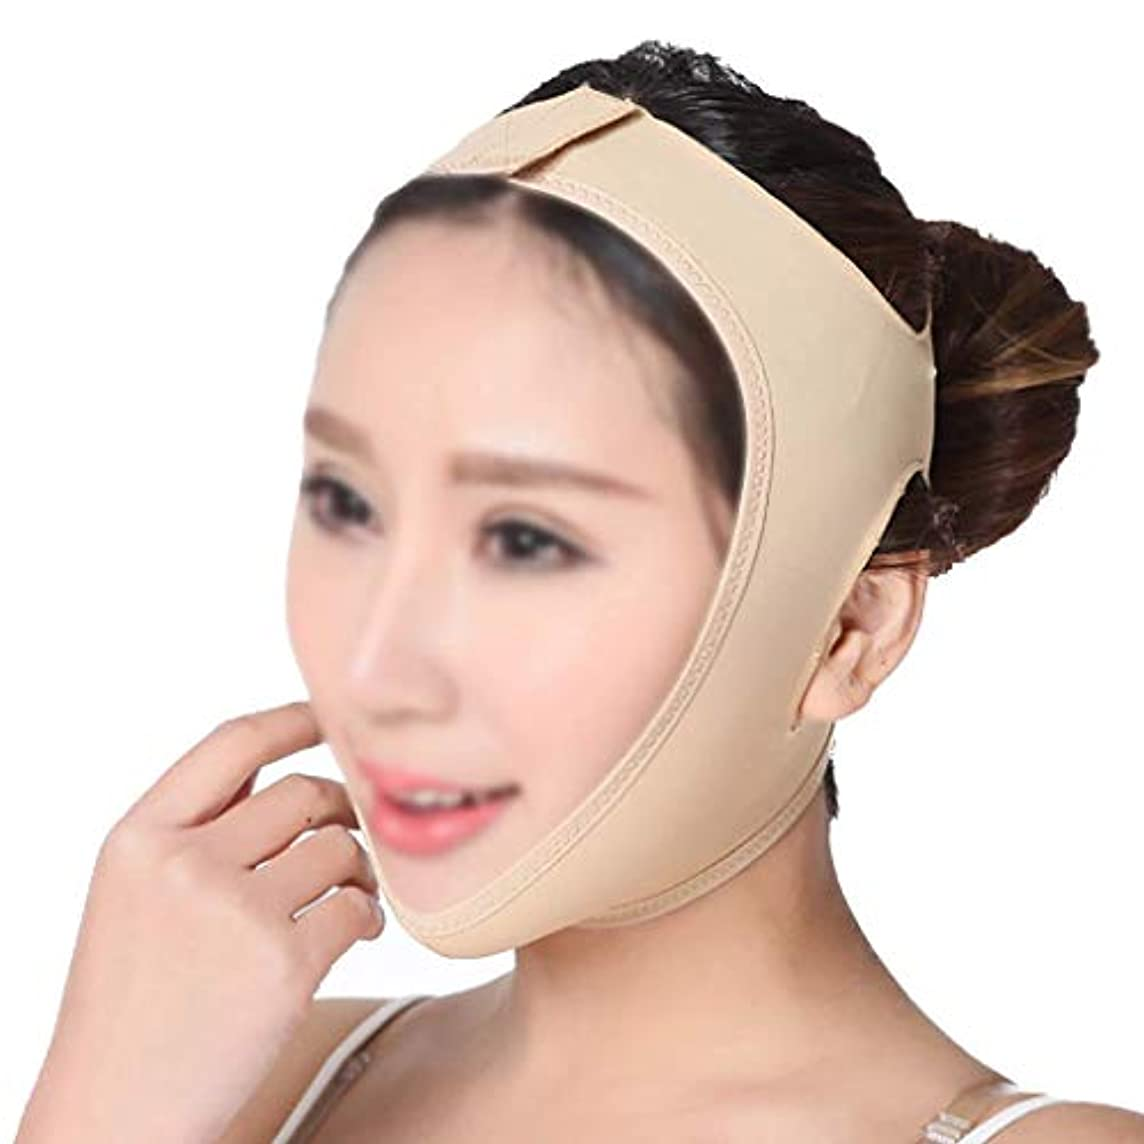 牛肉財布ハンドブックフェイスリフティングマスク、持ち上がるあごと顔の肌、垂れ下がるのを防ぐ頬、快適で通気性のある生地、詰め物にすることを拒否、着用しやすい(サイズ:XL)